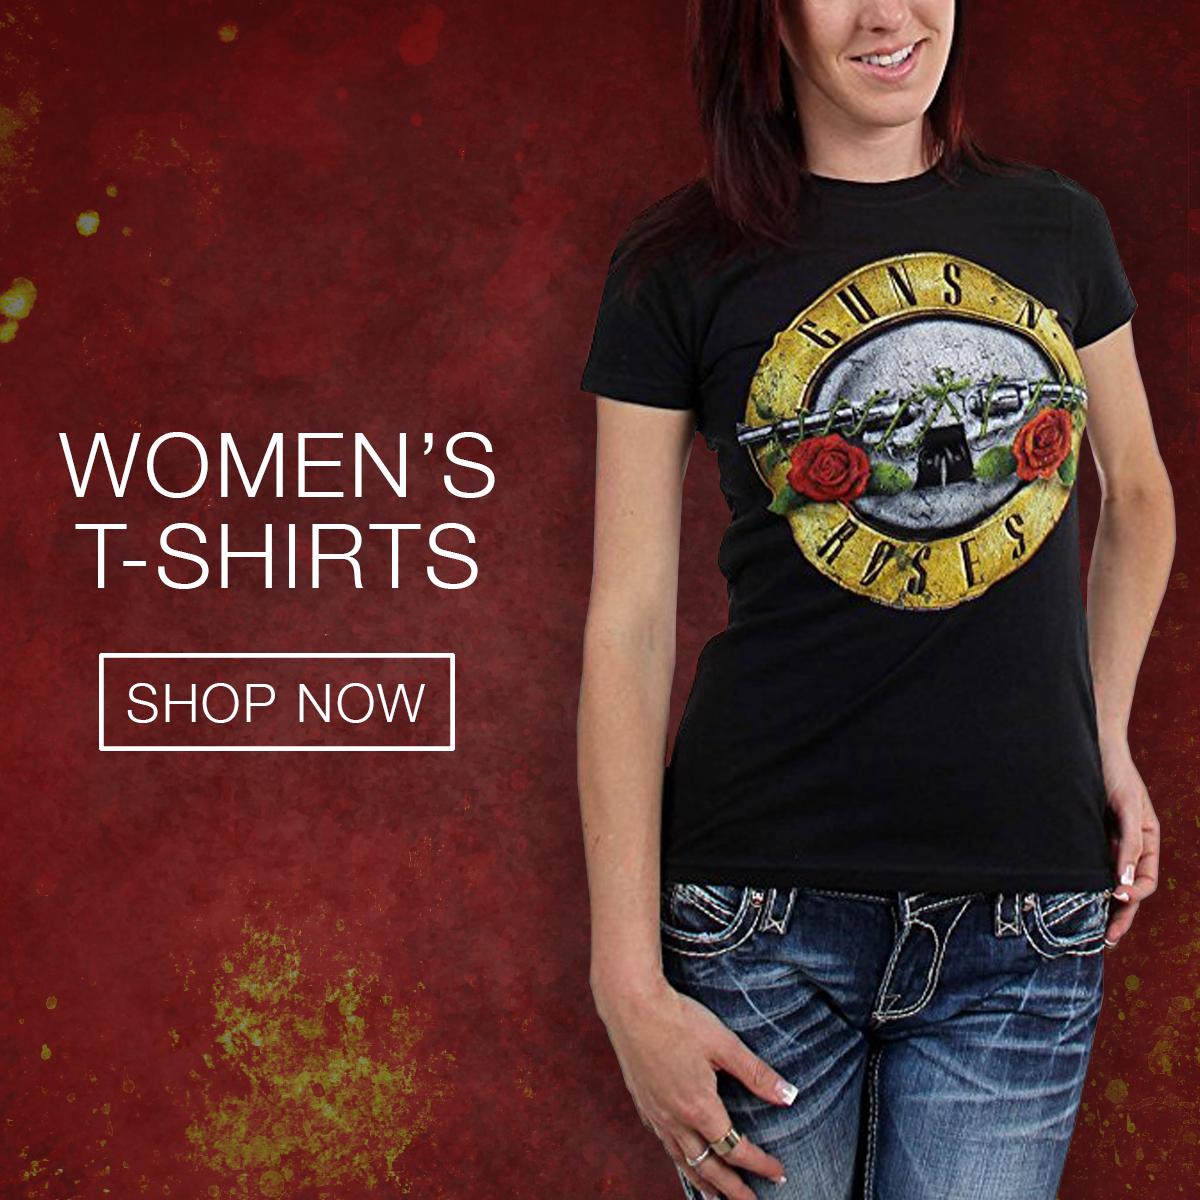 d705b6b5b Band Shirts, Band Tees - Official Band Shirts